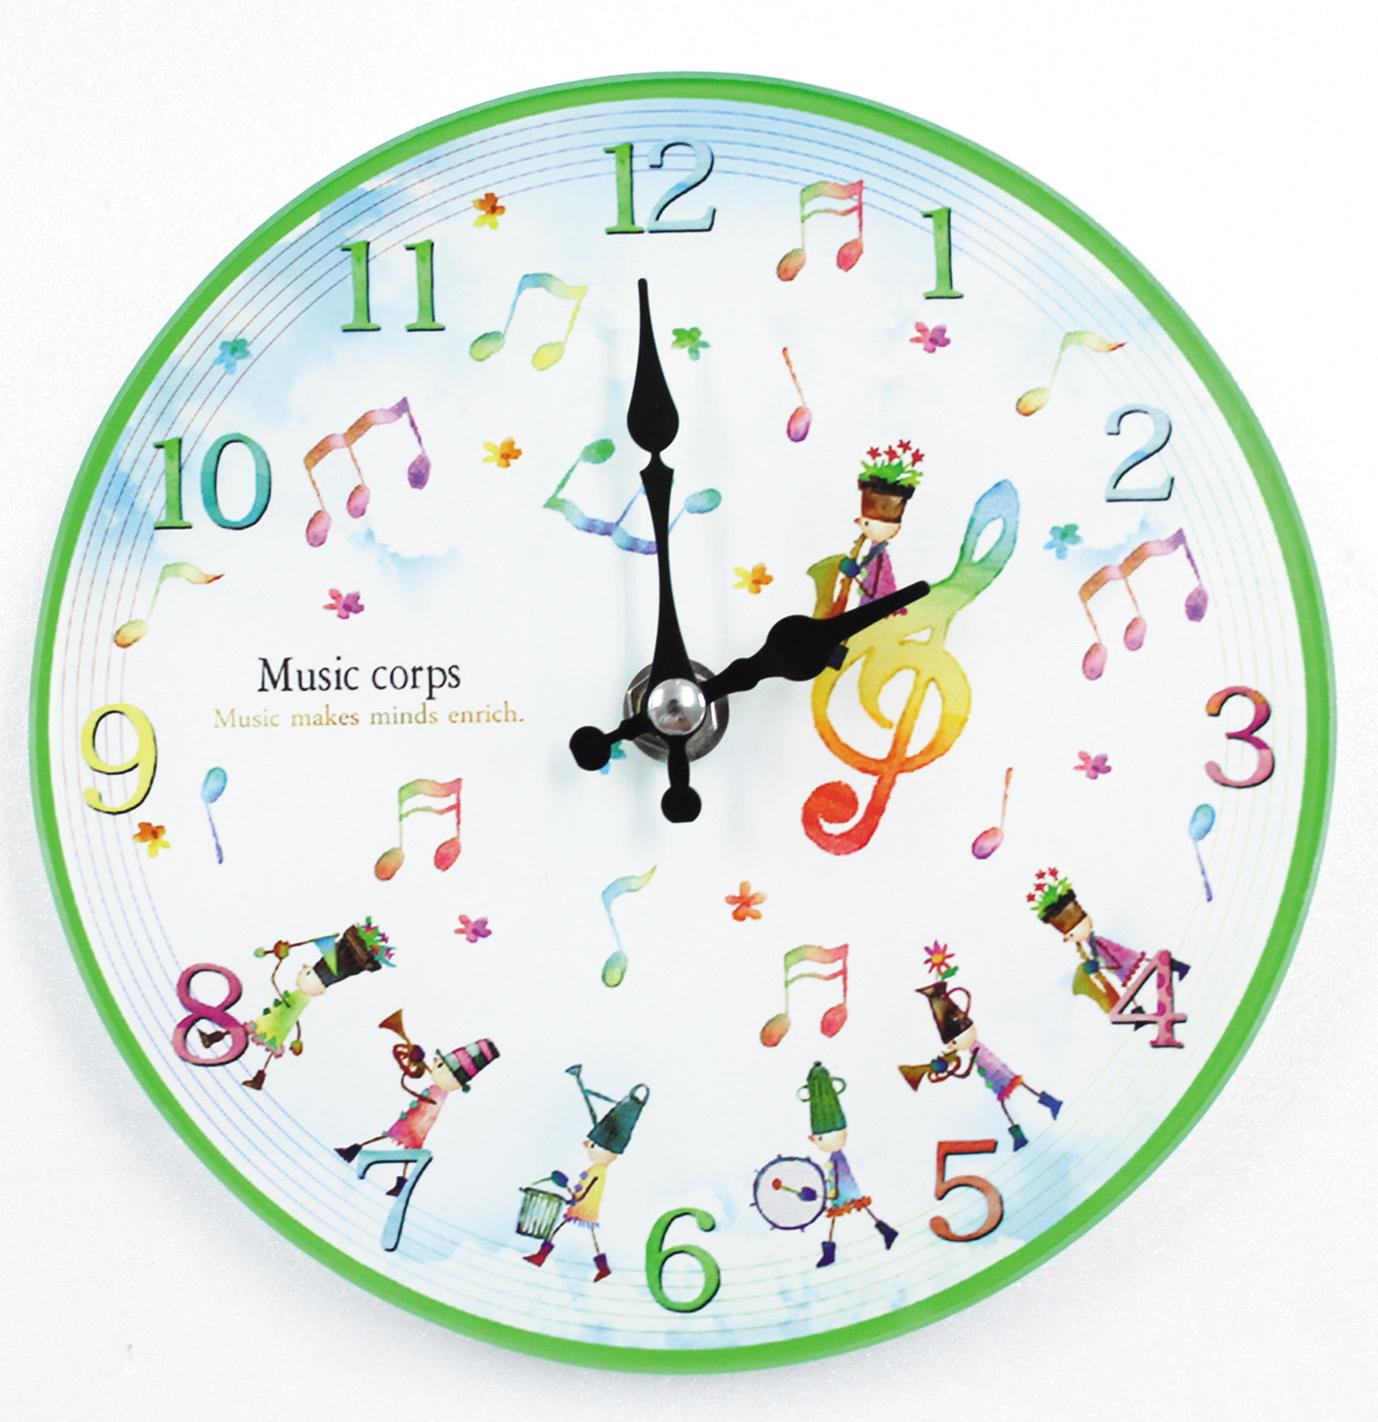 掛置時計 ♪※在庫有りと書いてあっても、お取り寄せ商品は受注後にメーカー注文になります。※☆【音符・小物グッズ-音楽雑貨】【音楽雑貨】  音楽グッズ  <br>バレエ発表会 記念品 プレゼントに最適 ♪